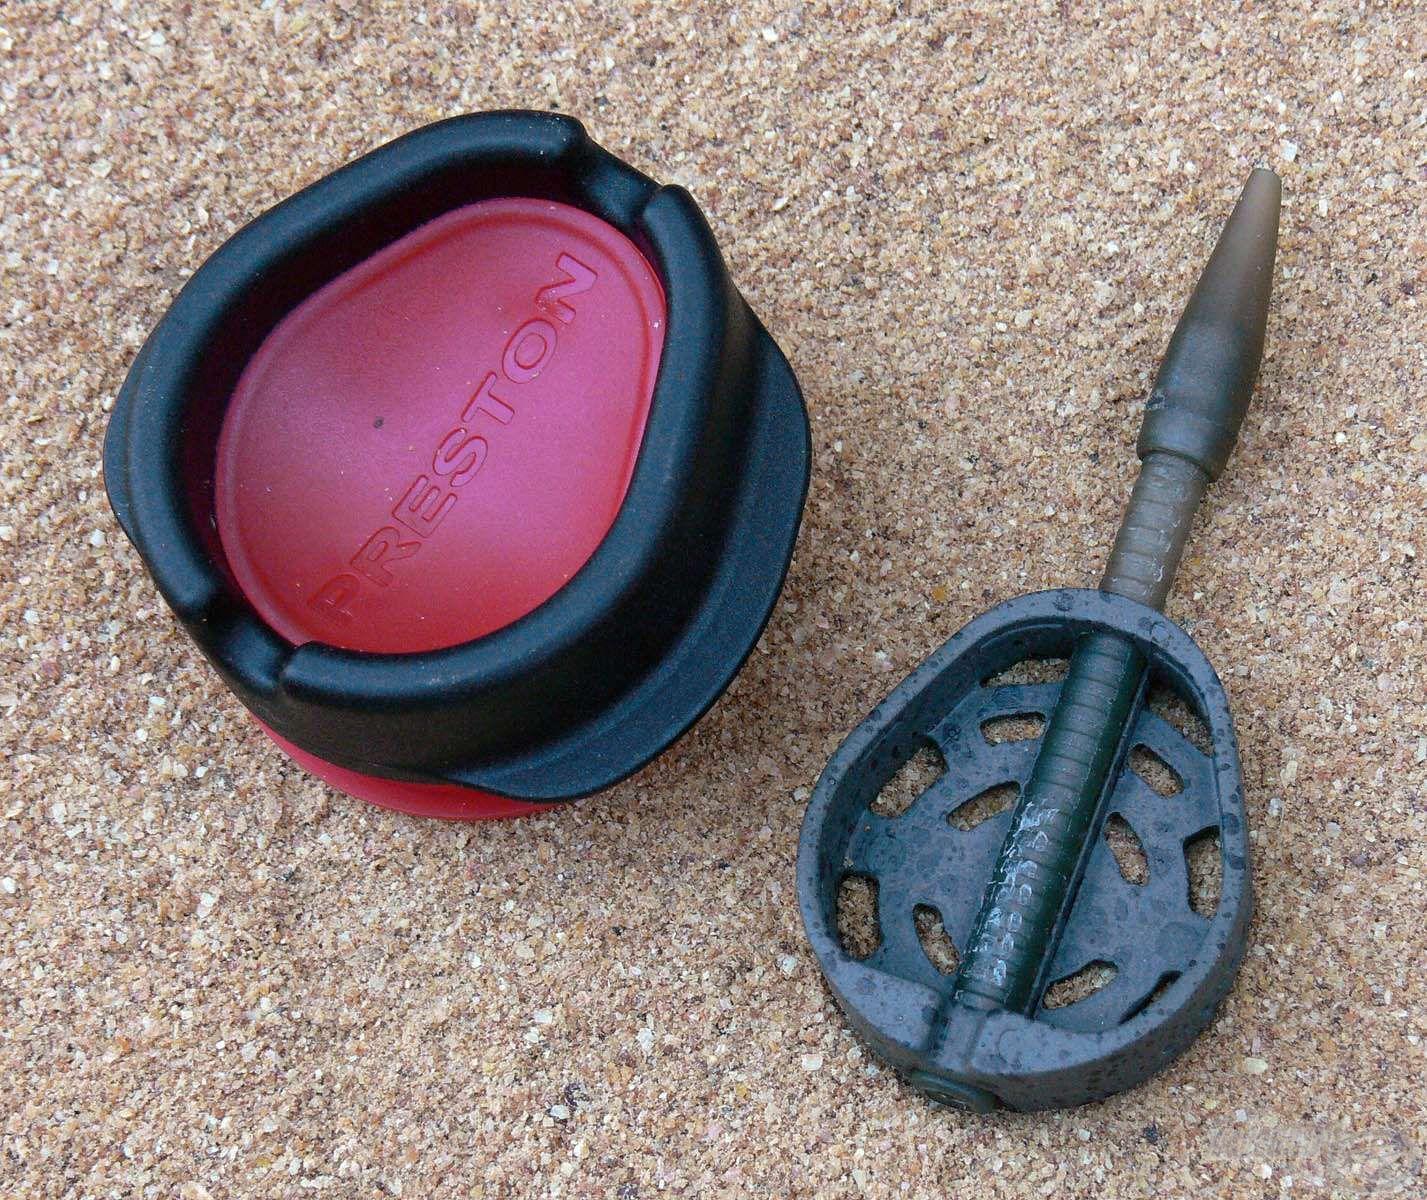 A Dura Banjo Feeder kosarakat a méretben hozzájuk illő töltőszerszámmal lehet töltögetni